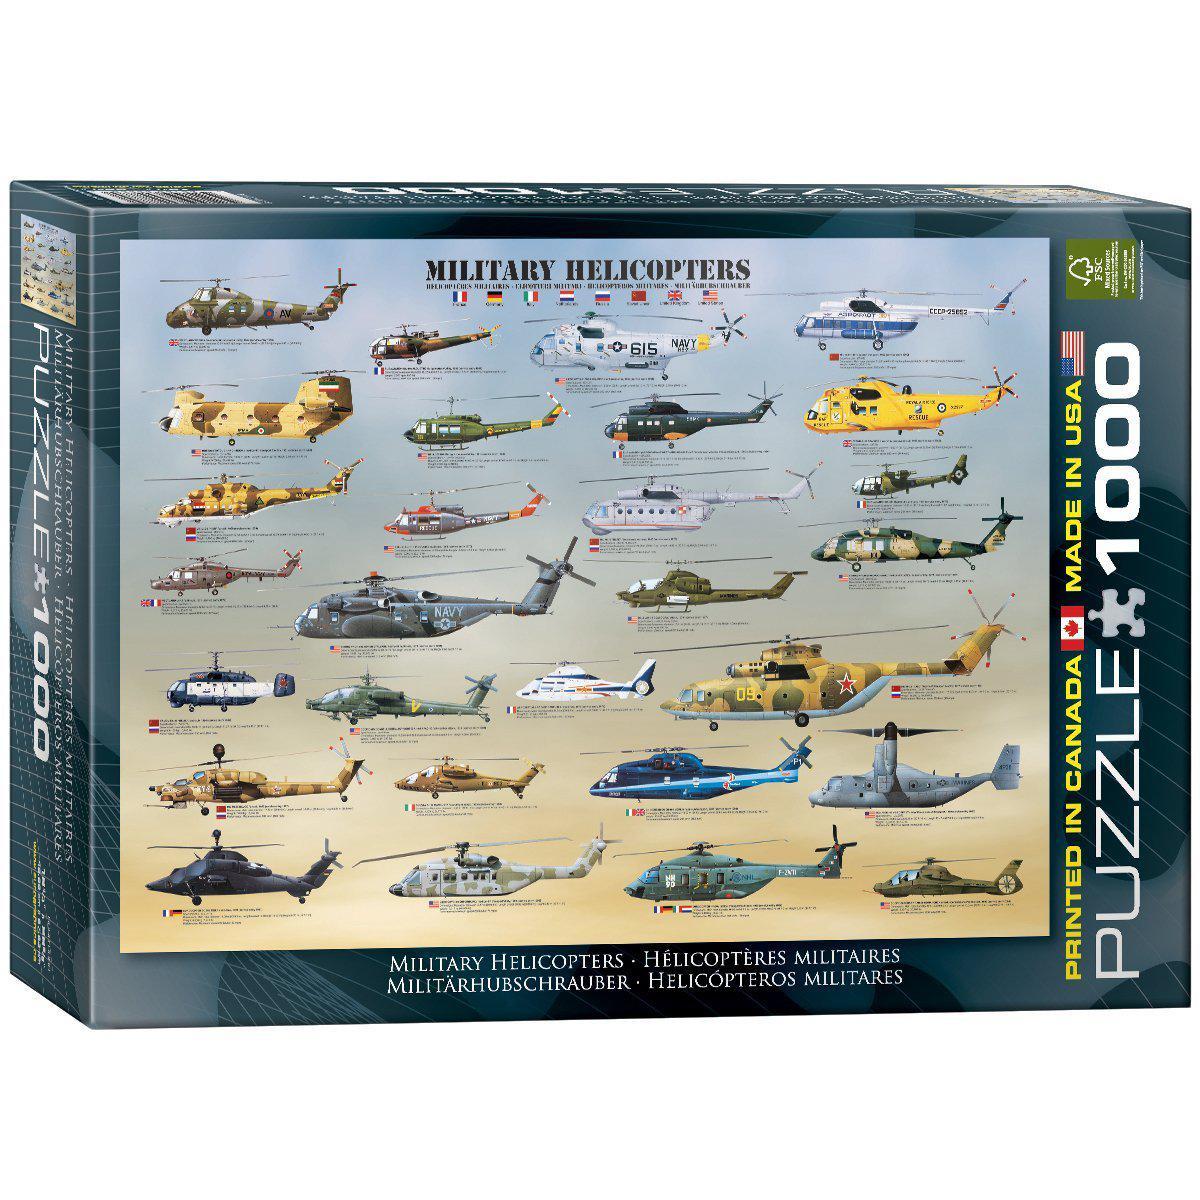 """Пазл """"Військові вертольоти"""" 1000 елементів EuroGraphics (6000-0088)"""